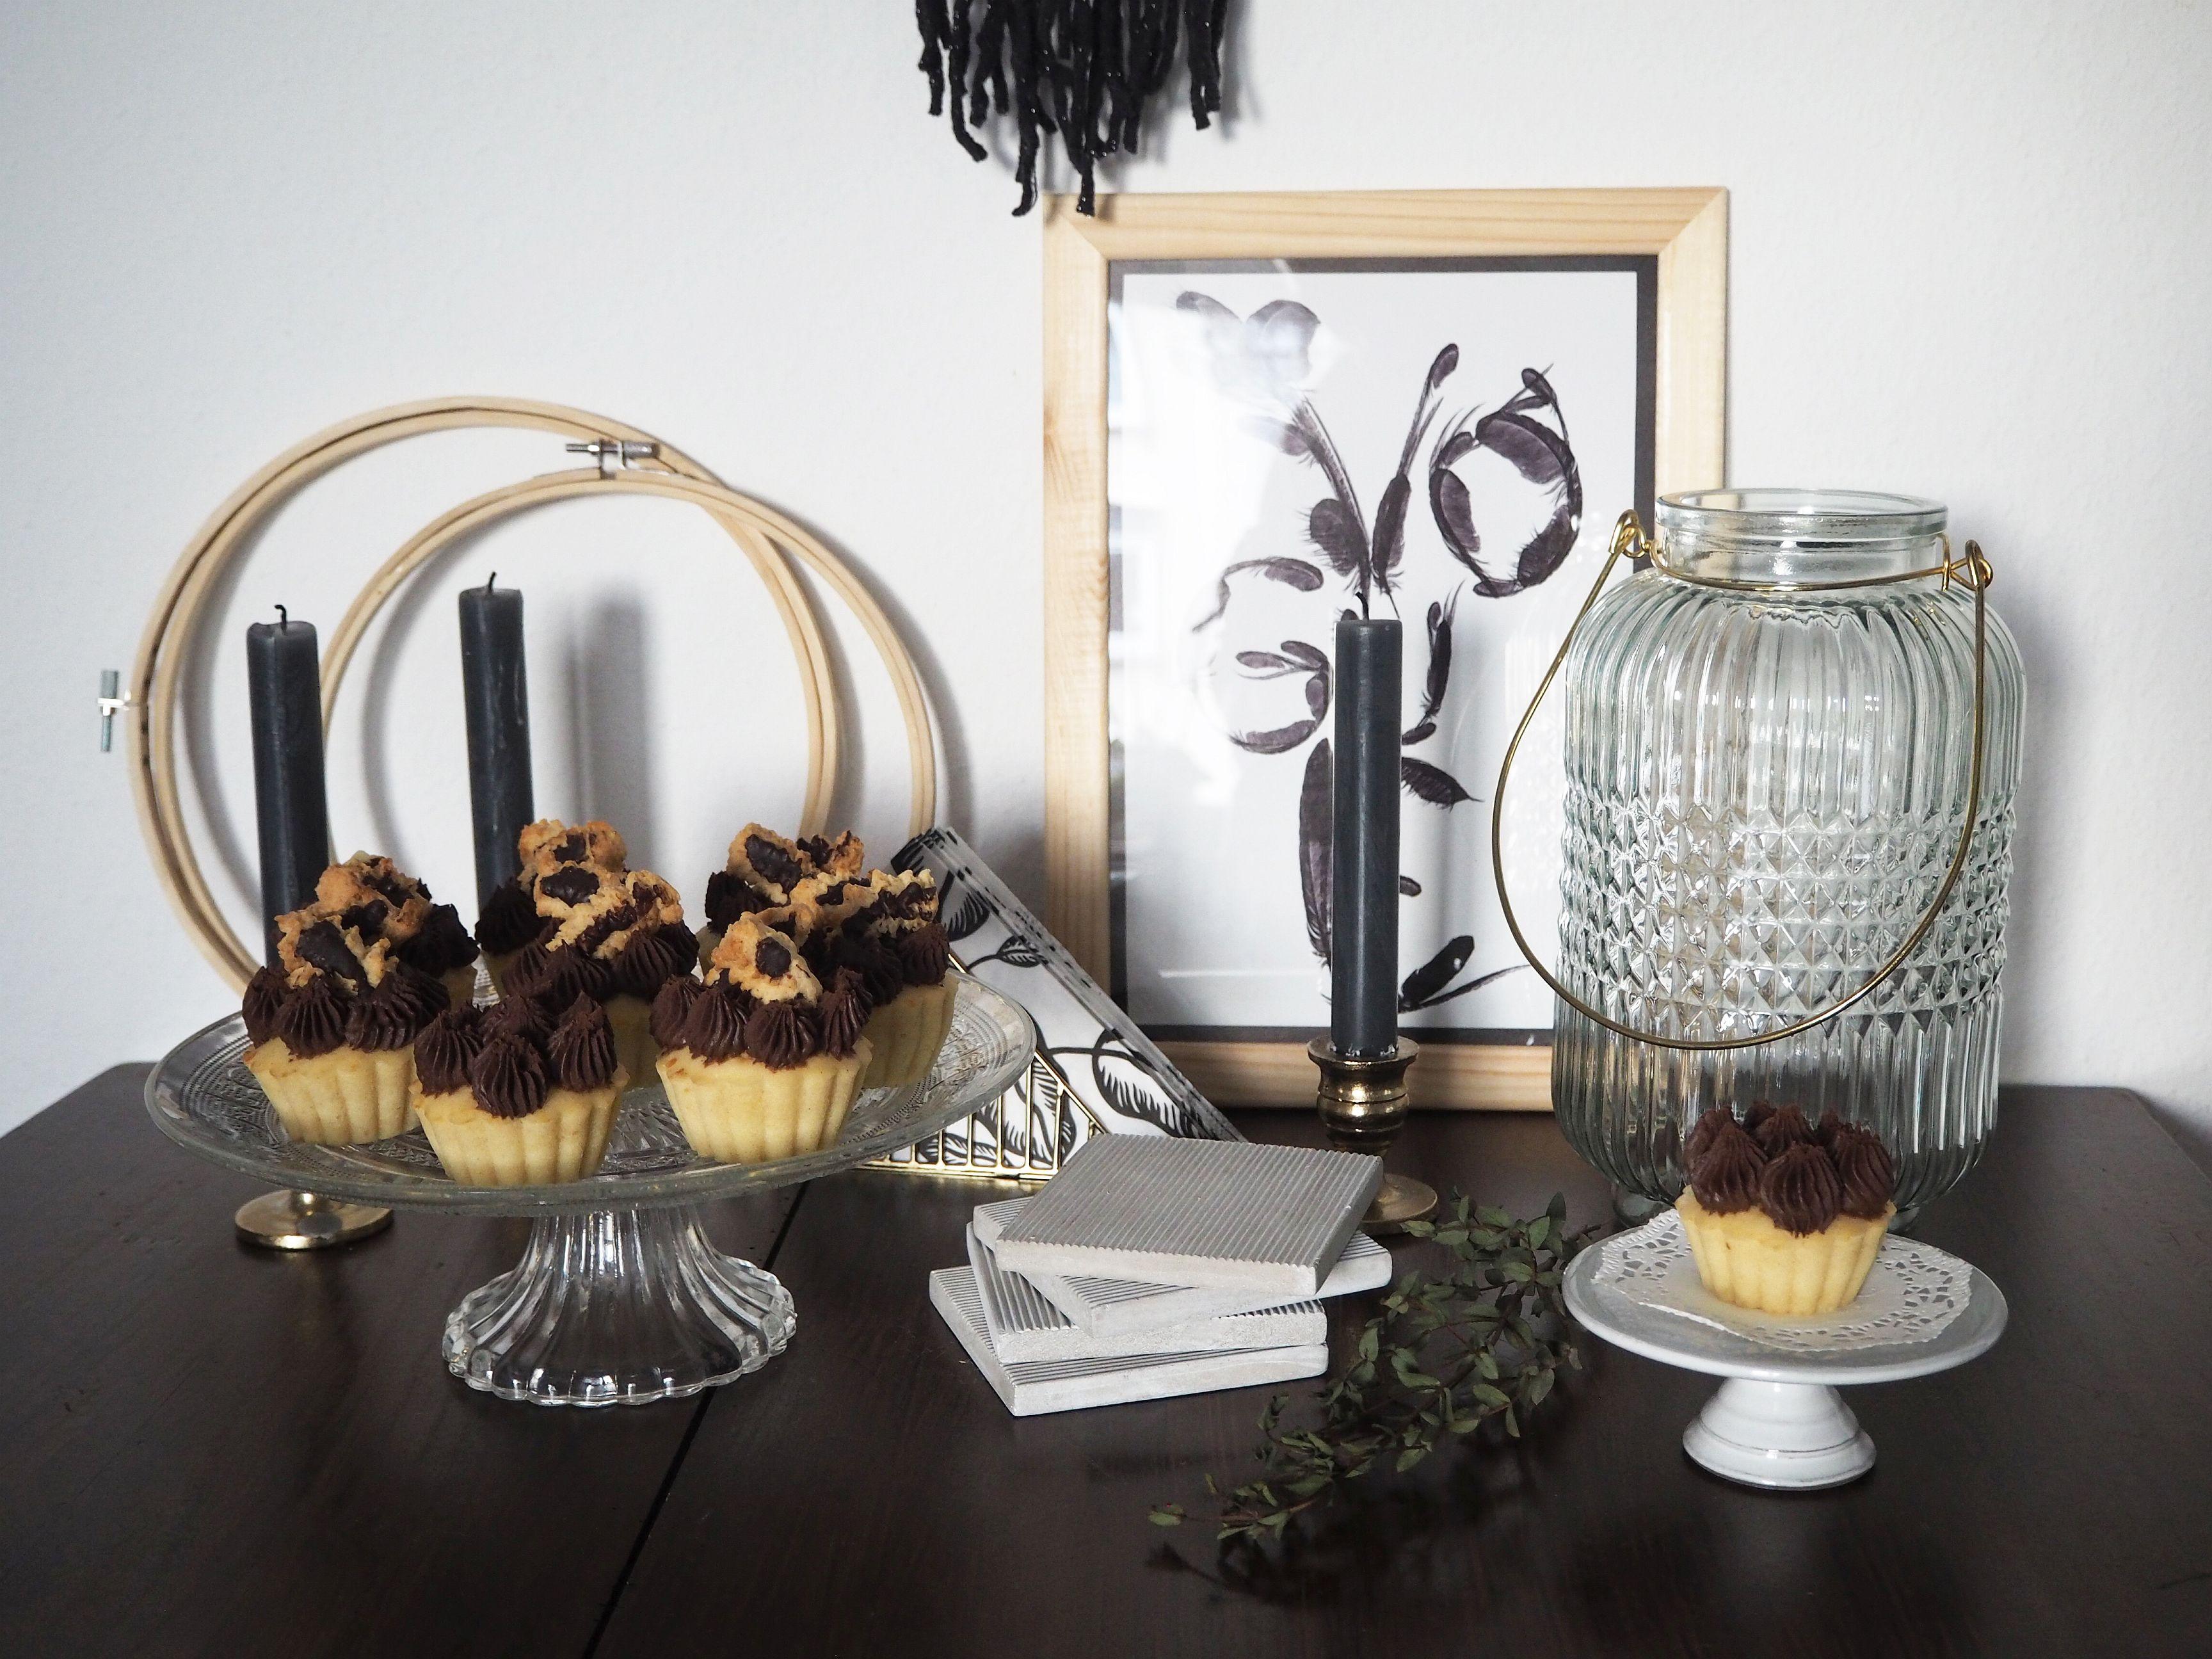 2018-01-skoen-och-kreativ-food-cookies-cake-love-vanilla-chocolate-cupcakes (12)